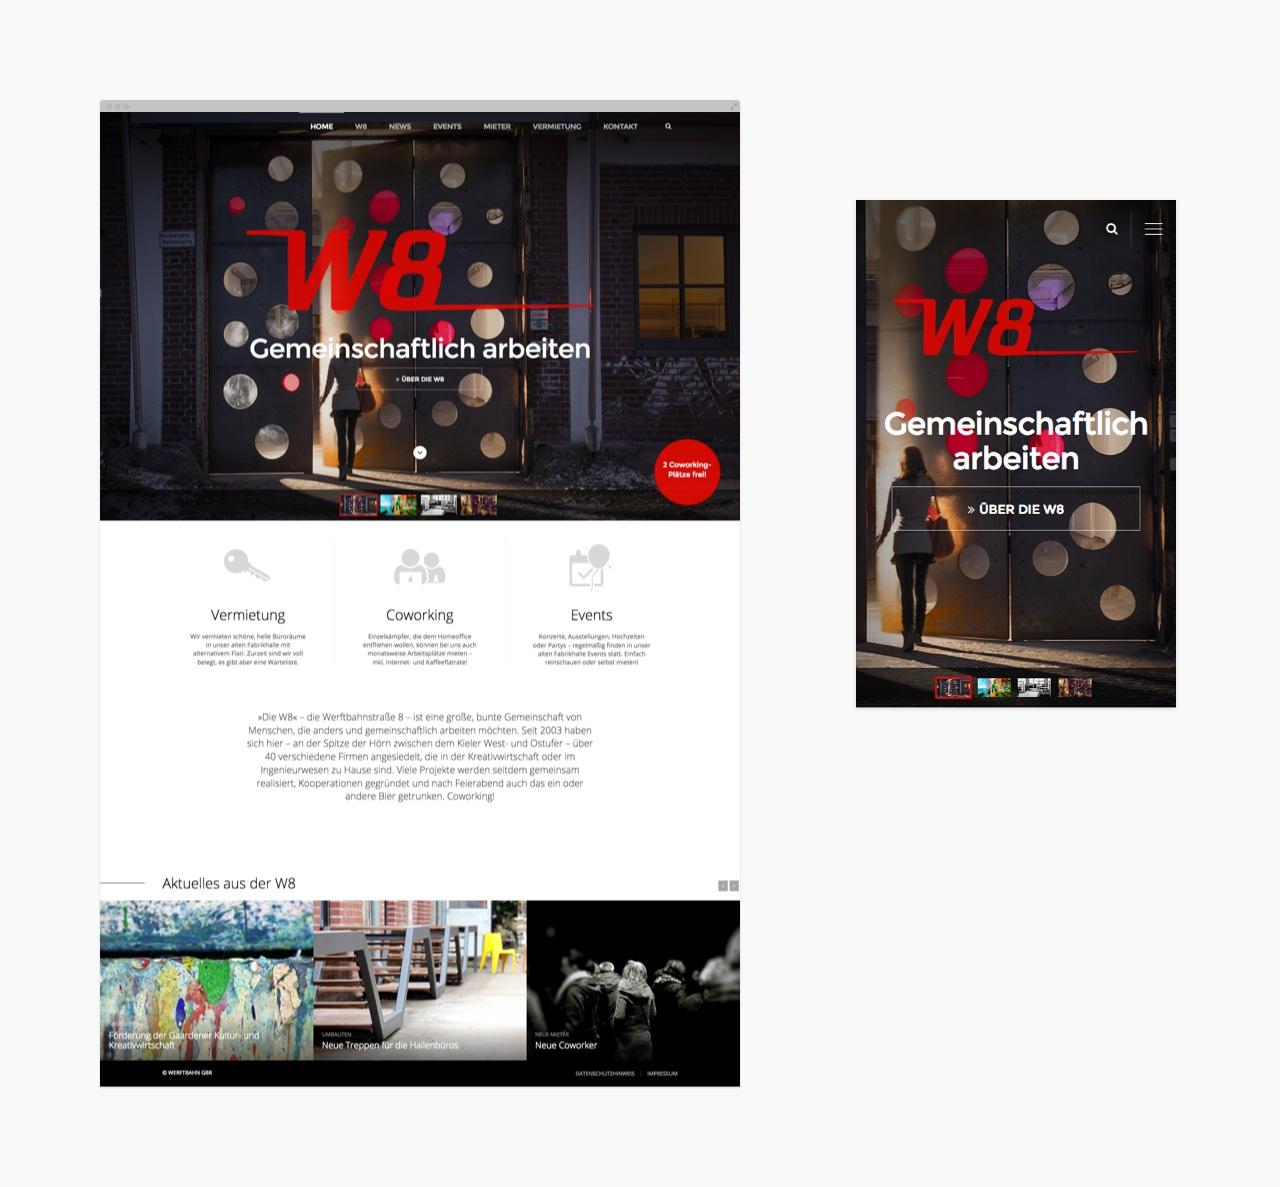 Startseite der W8-Homepage